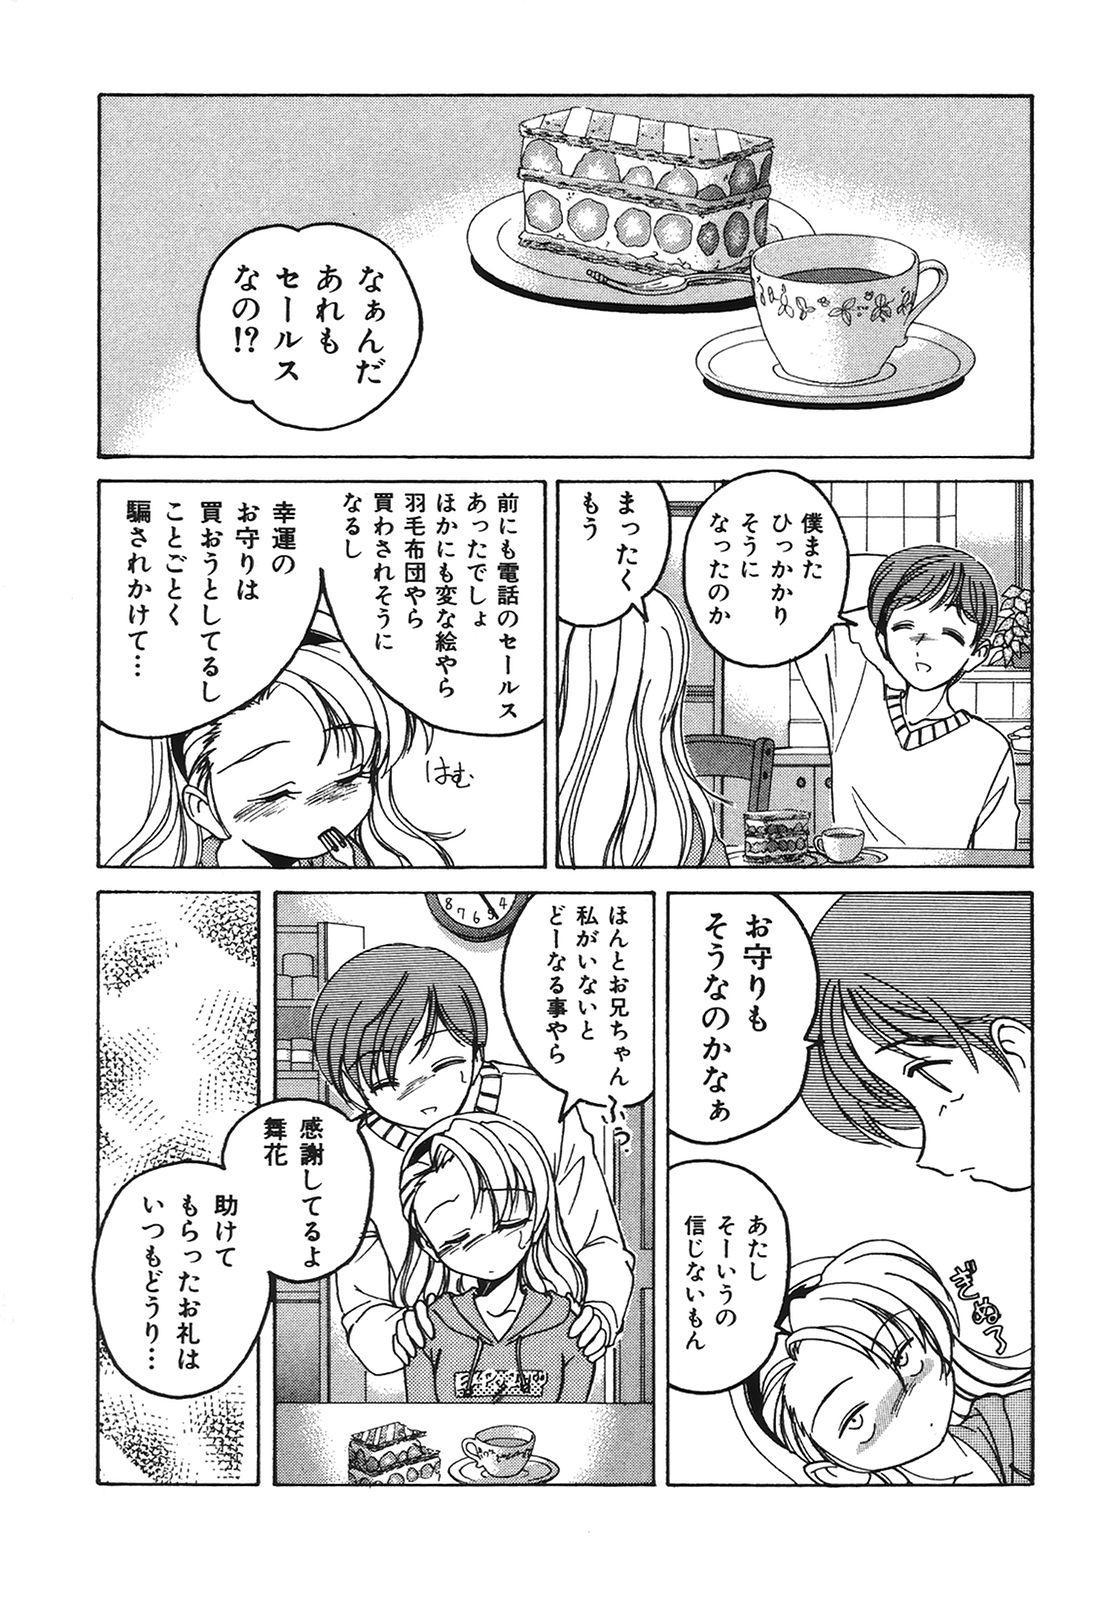 Omake No Musume 55